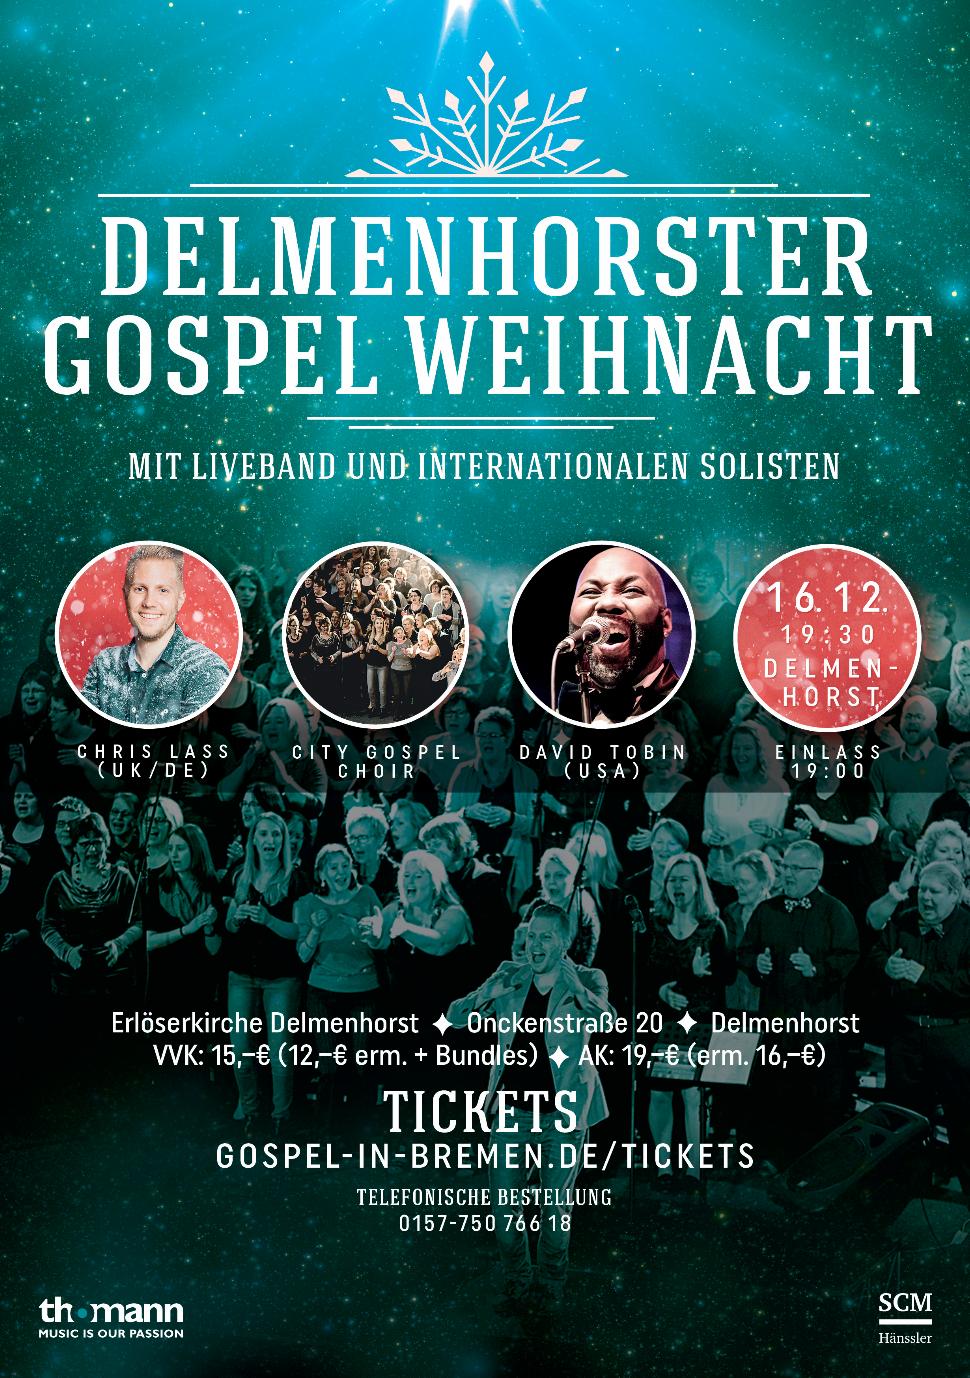 Delmenhorster Gospel Weihnacht 2018 - Christmas Gospel Konzert - Weihnachts Gospel Konzert Delmenhorst